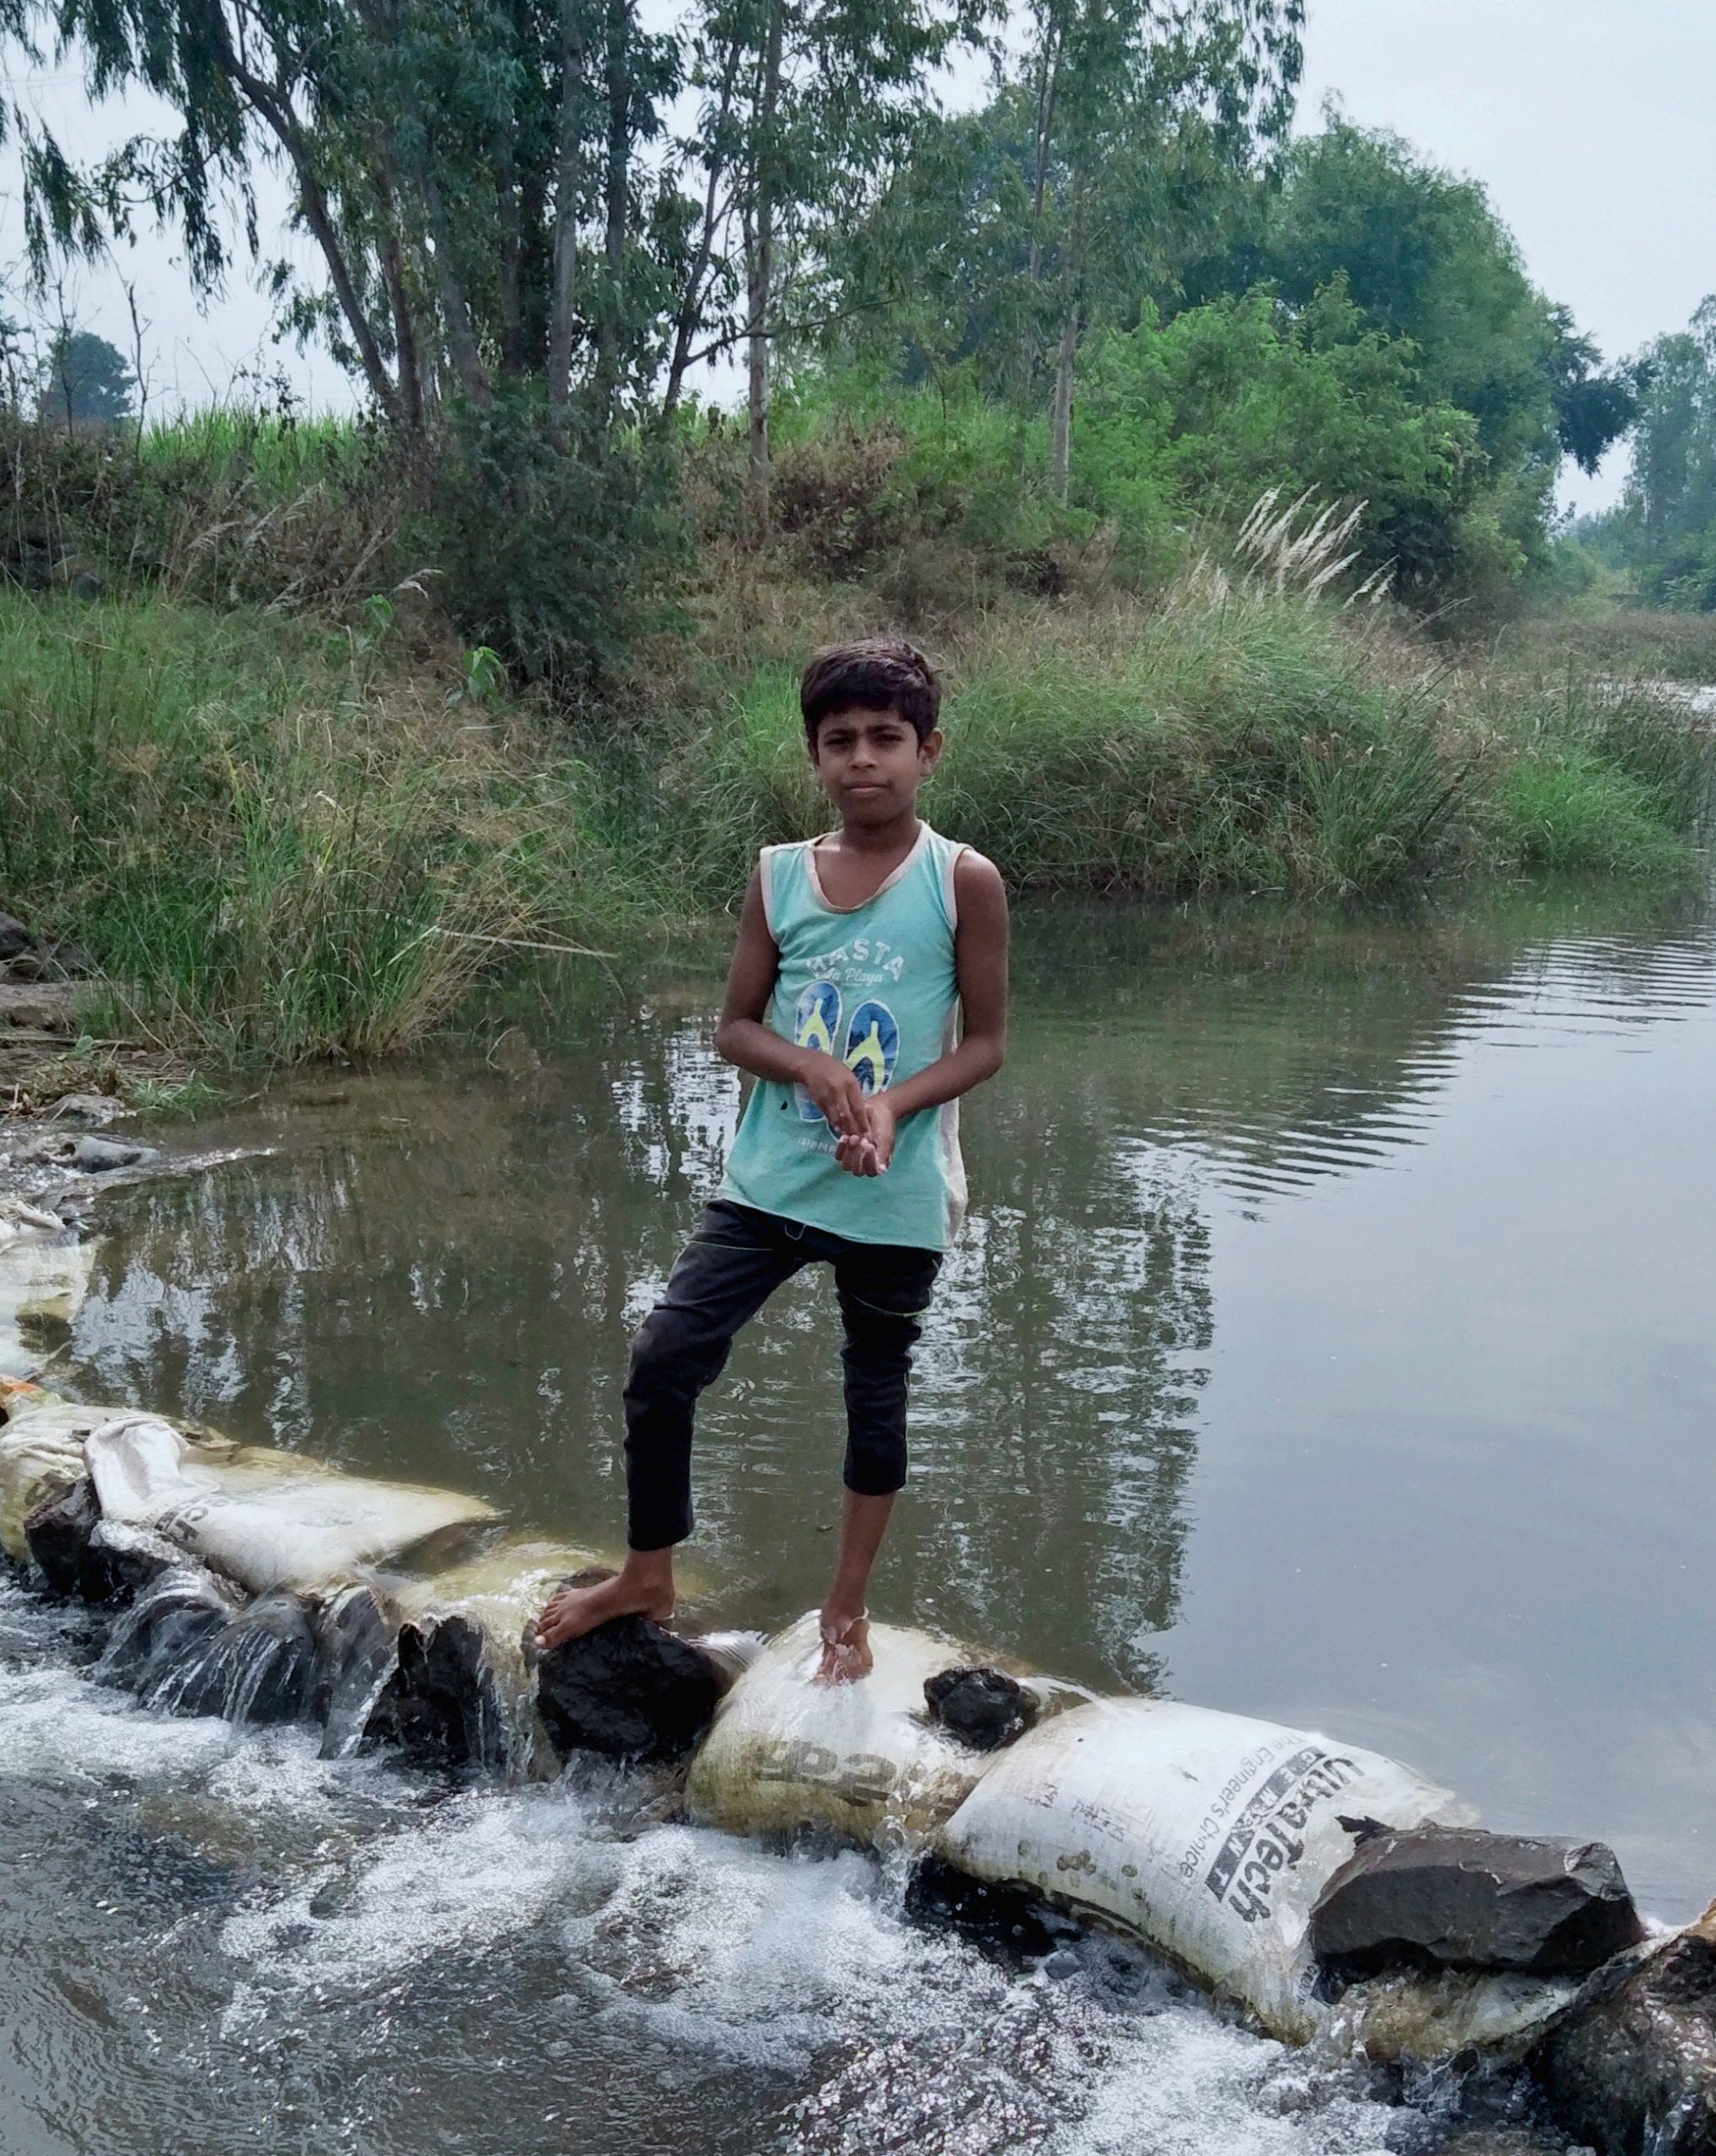 A boy in a river